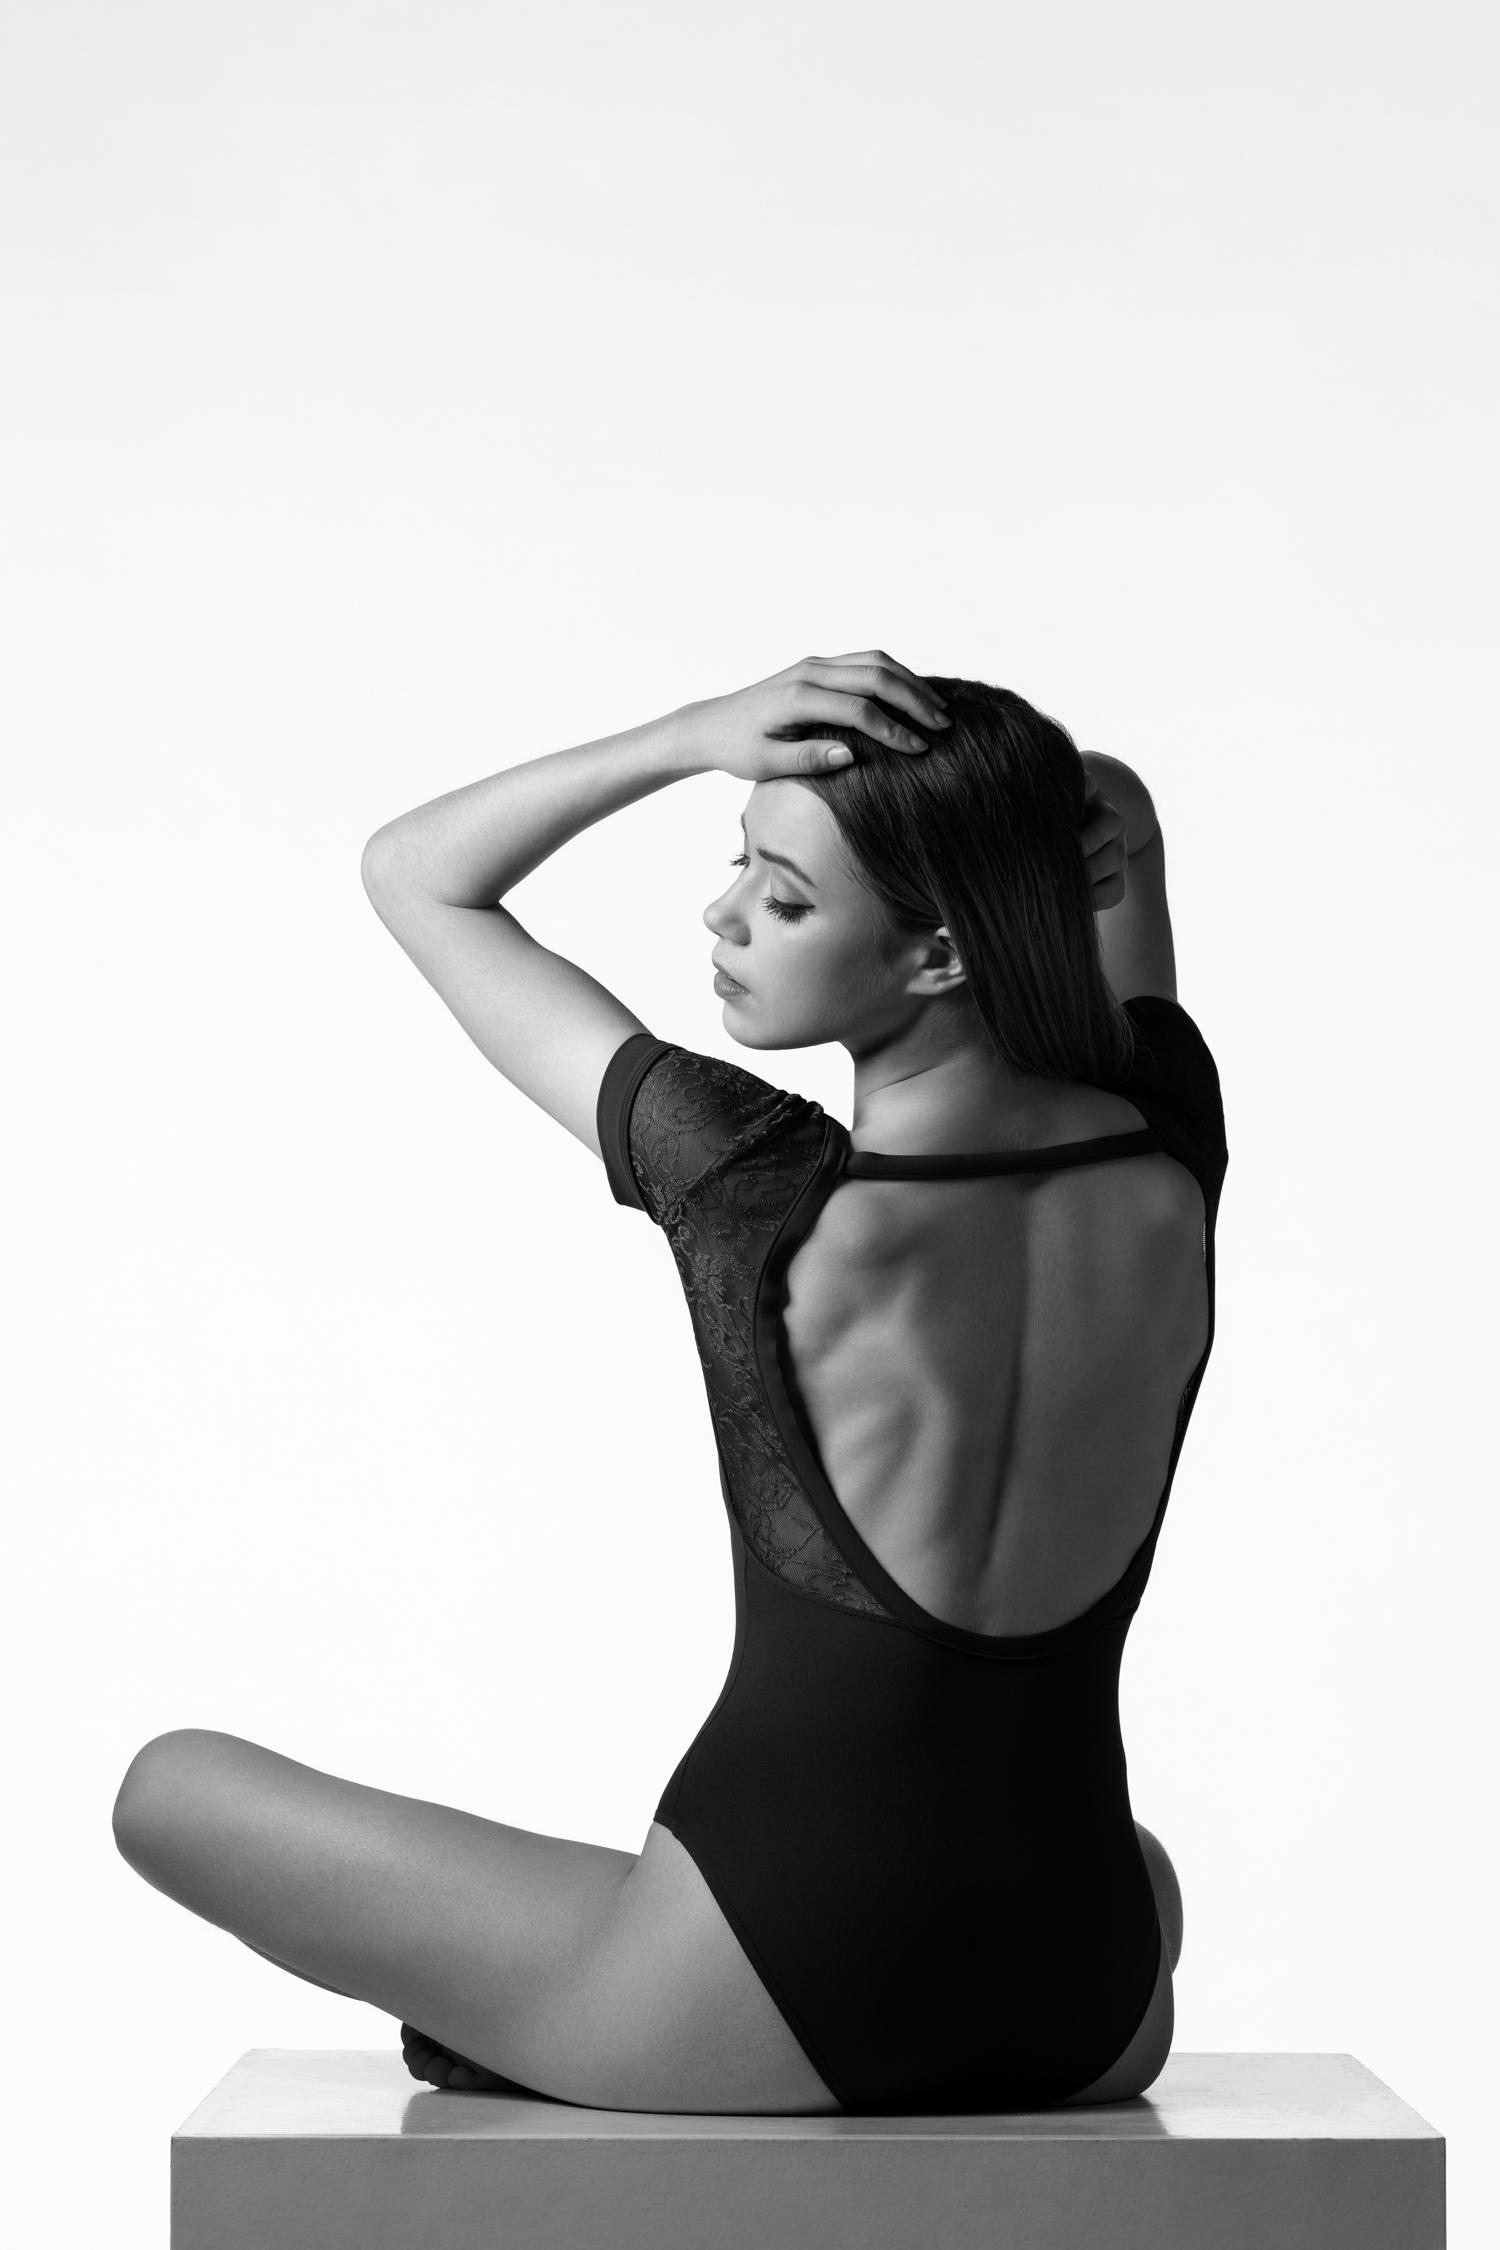 0130 Amy Van Weert Dance Shoot 2 B_W.jpg